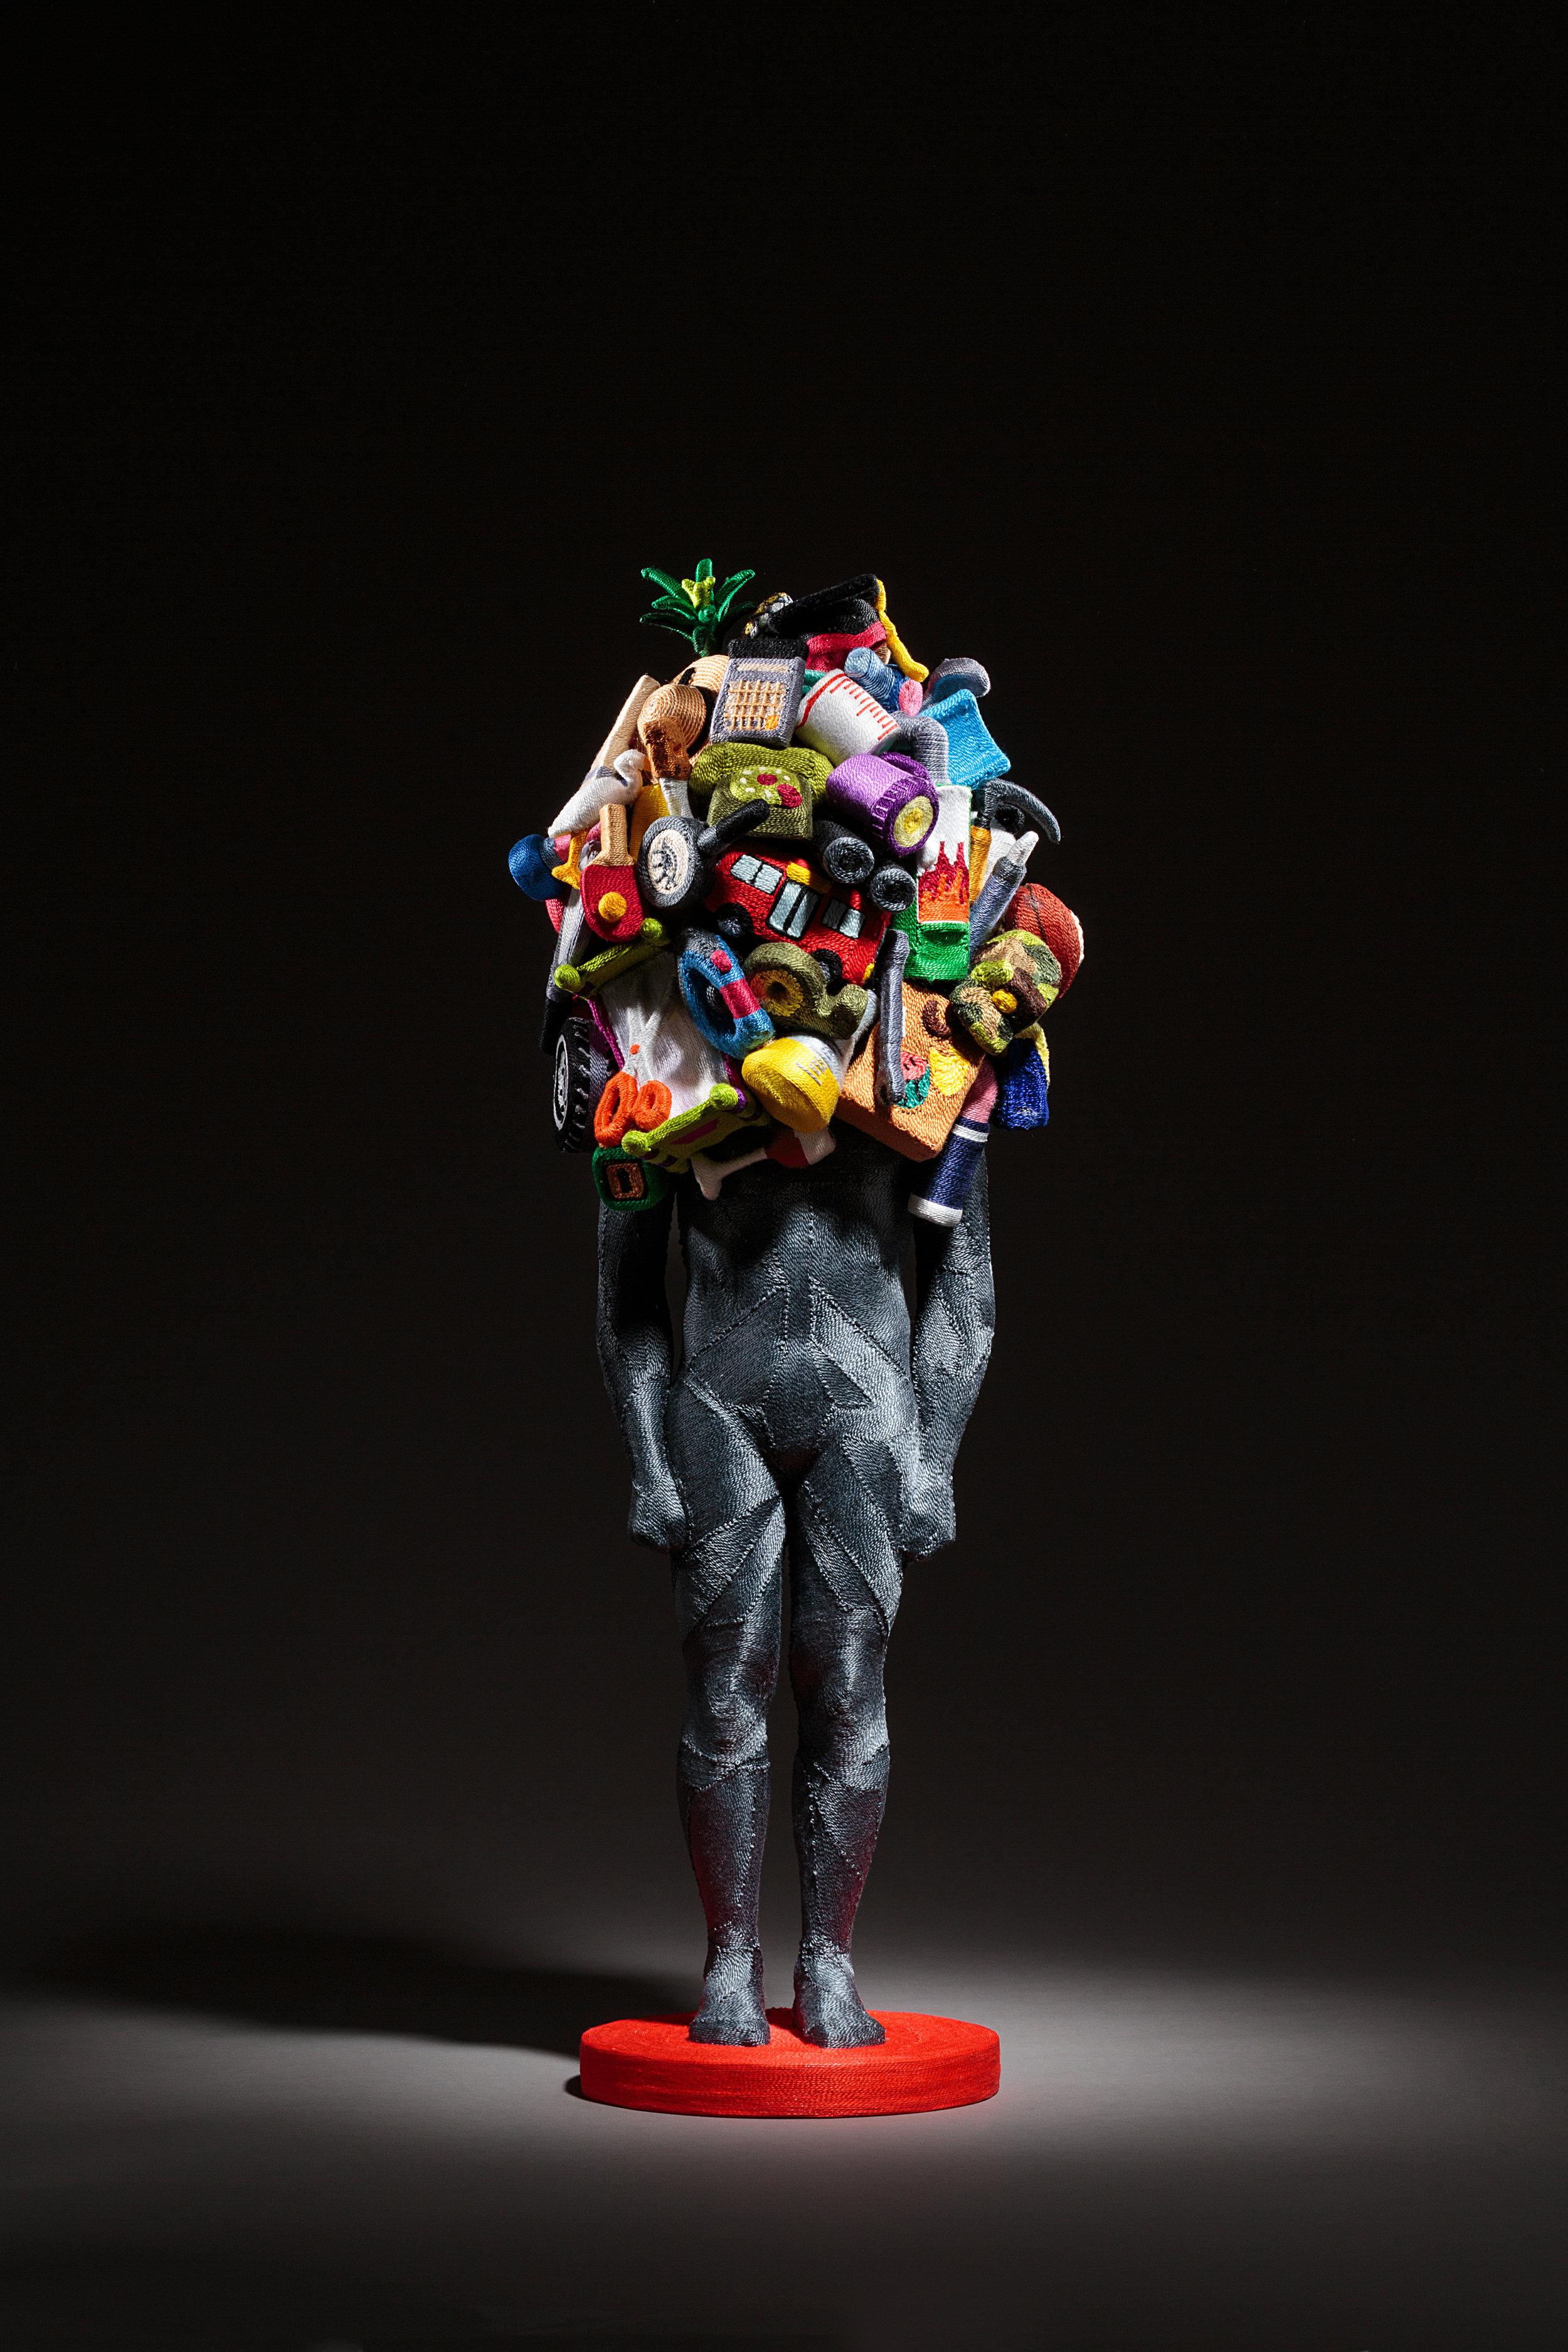 June Lee,  Weight of Human (No. 4) , Fil sur résine coulée et argile, 2017. Courtoisie de l'artiste et Galerie ARTVERA'S